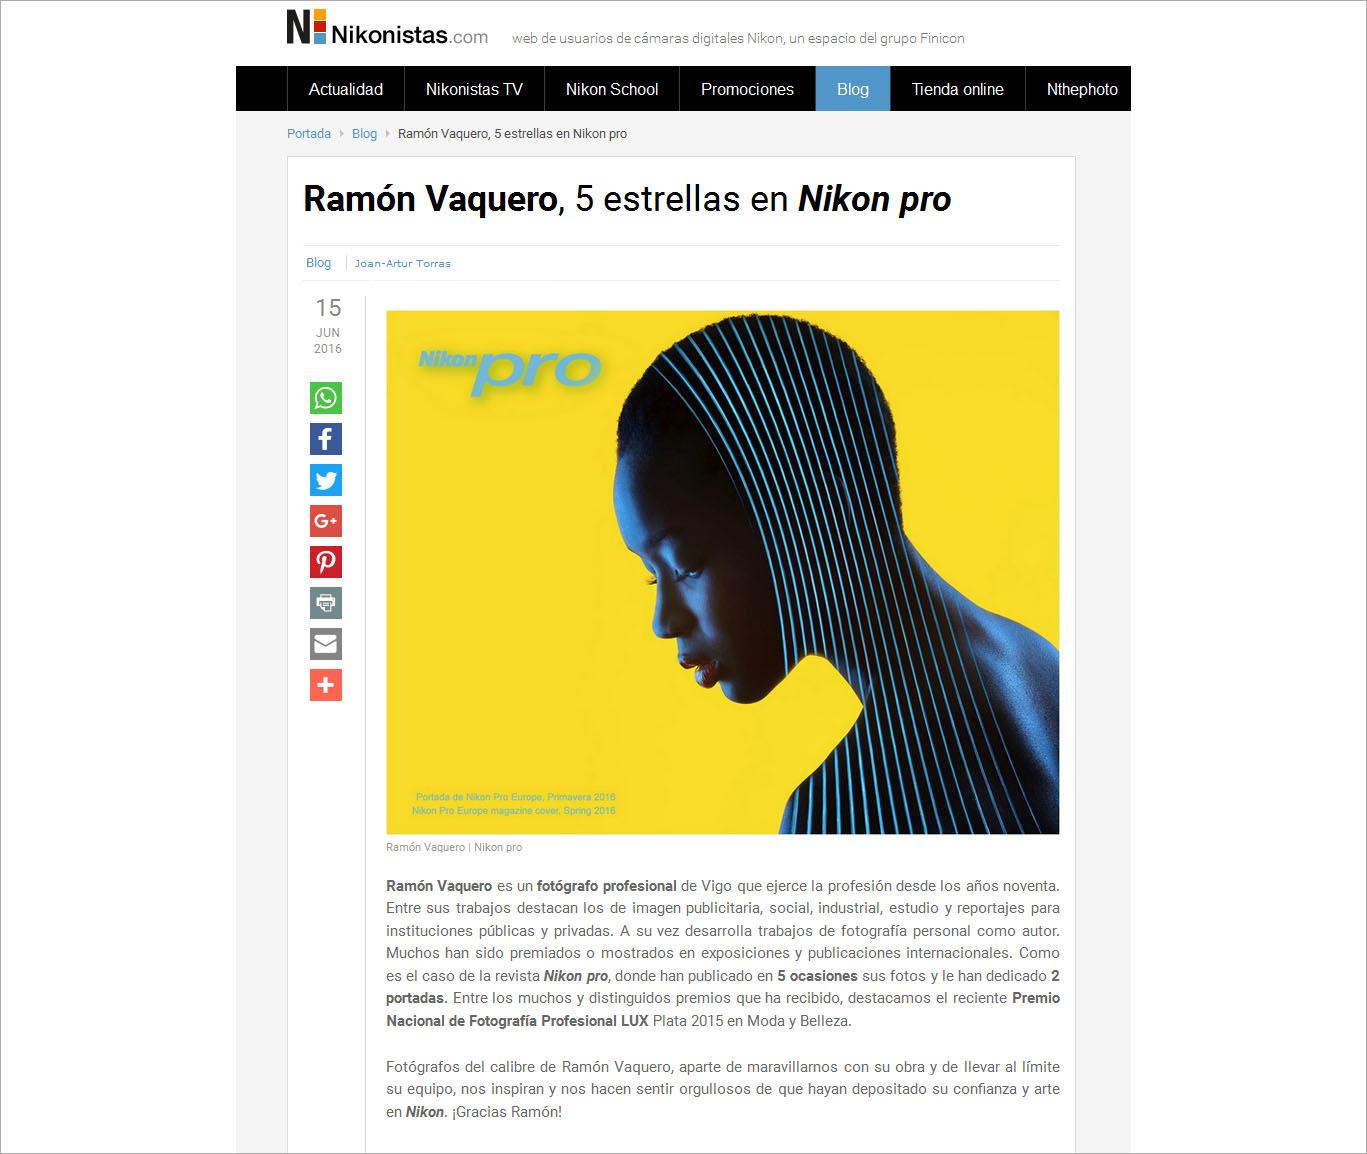 Ramon_Vaquero_nikonistas_nikon_pro